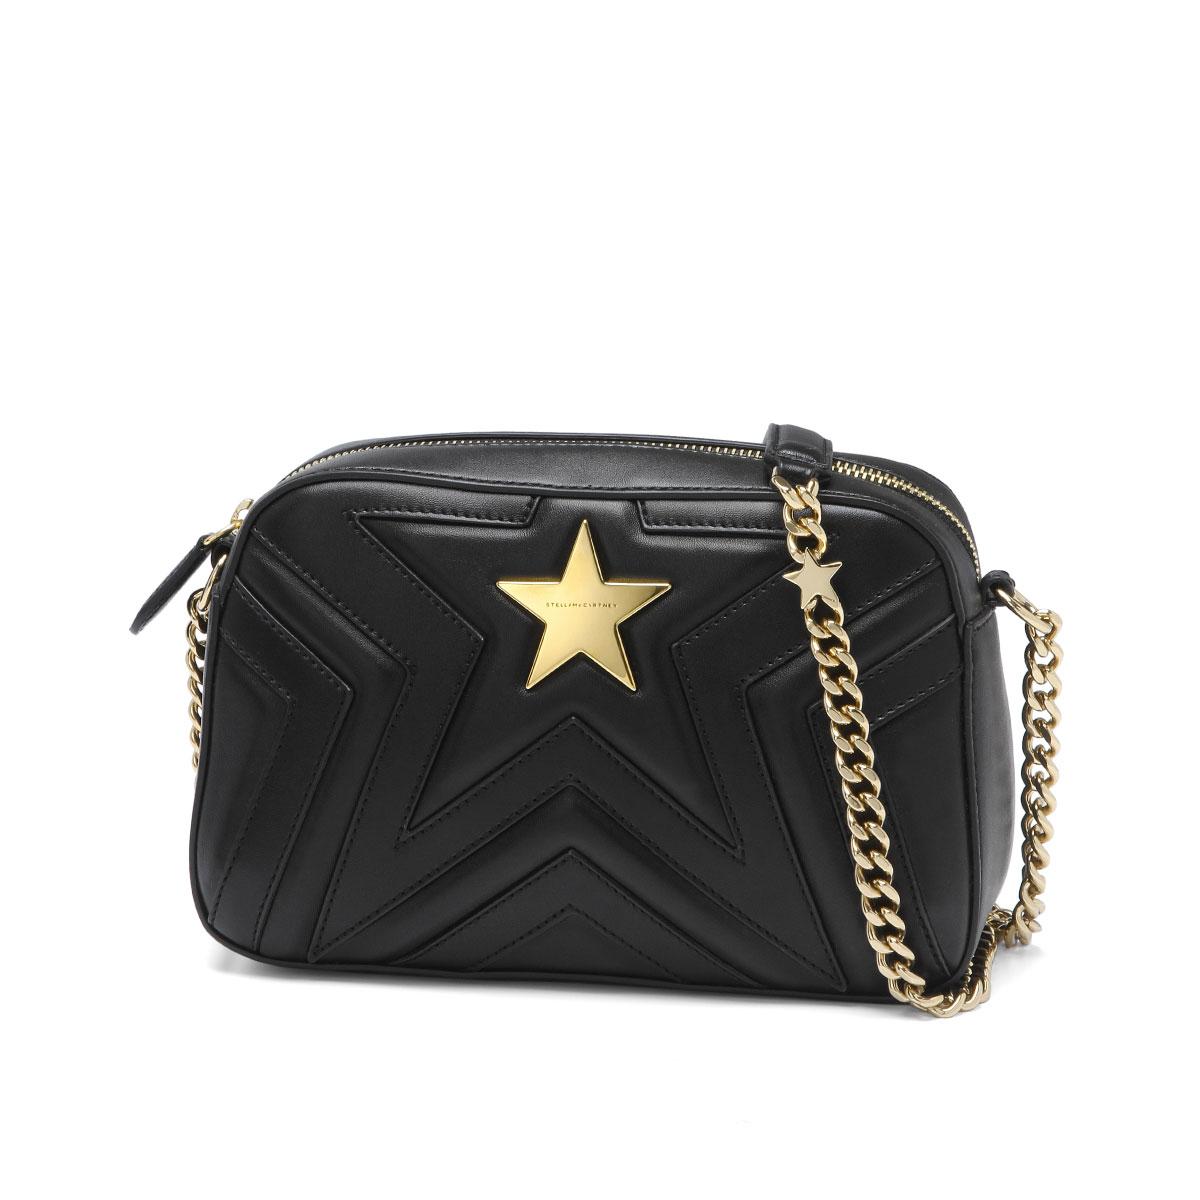 500993 Stella McCartney STELLA McCARTNEY bag lady W8214 1000 shoulder bag  Small STELLA STAR Stella star BLACK black 698f261844c82